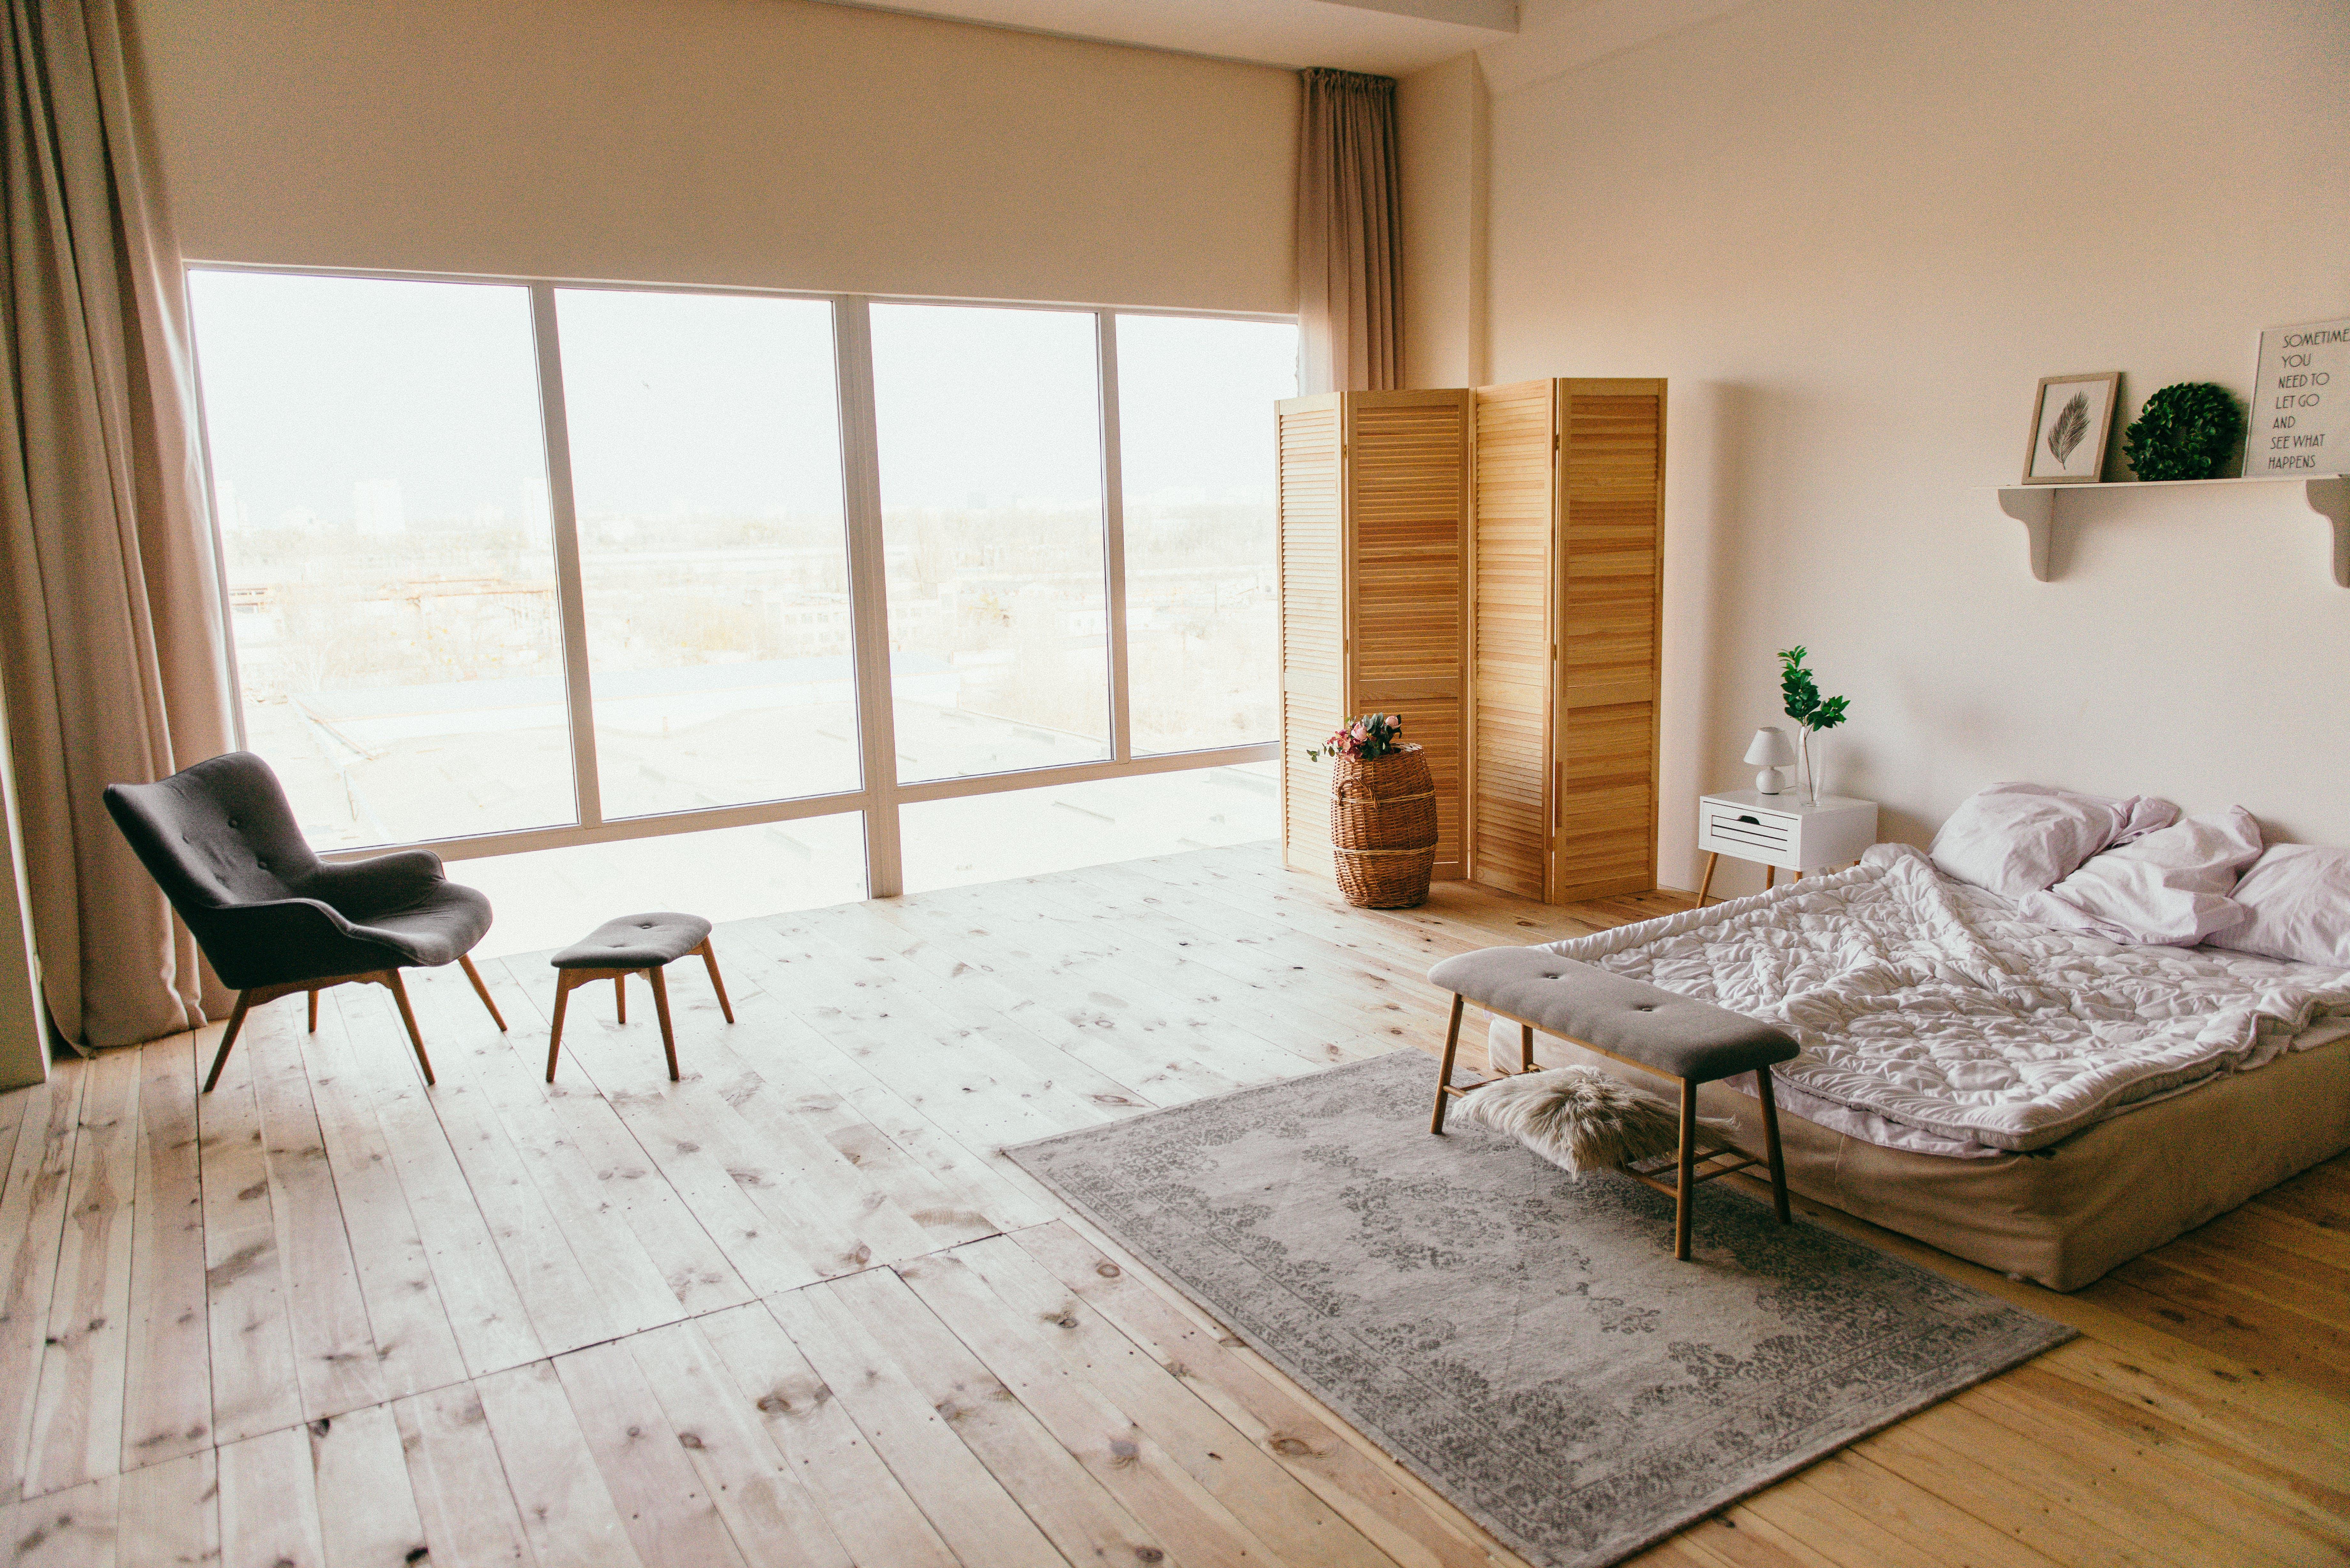 Gratis lagerfoto af arkitektur, boligindretning, dagslys, glasvinduer